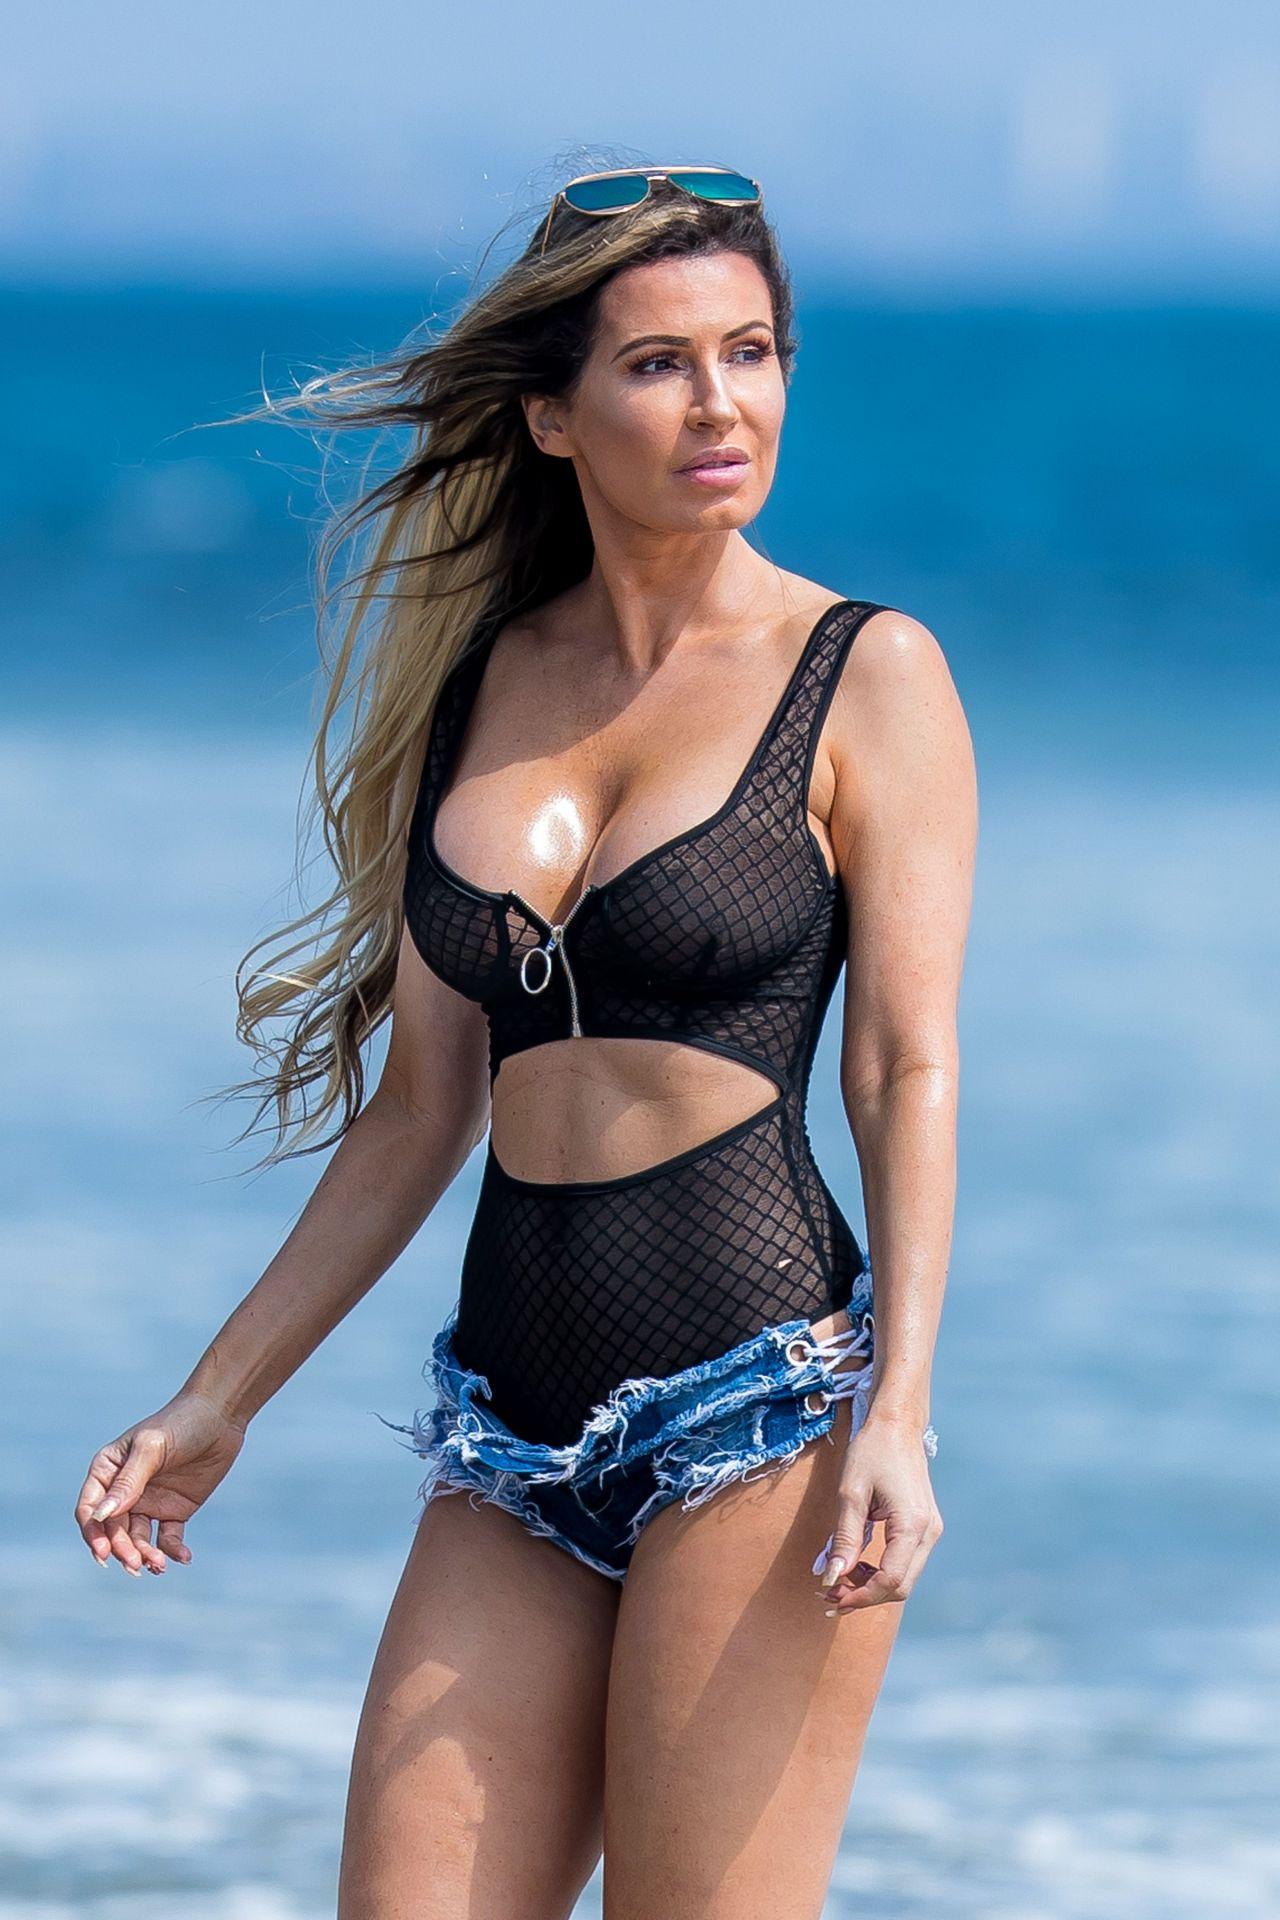 b9c82d6074 Ana Braga in Tiny Daisy Duke Shorts - Beach in Malibu 09/15/2017